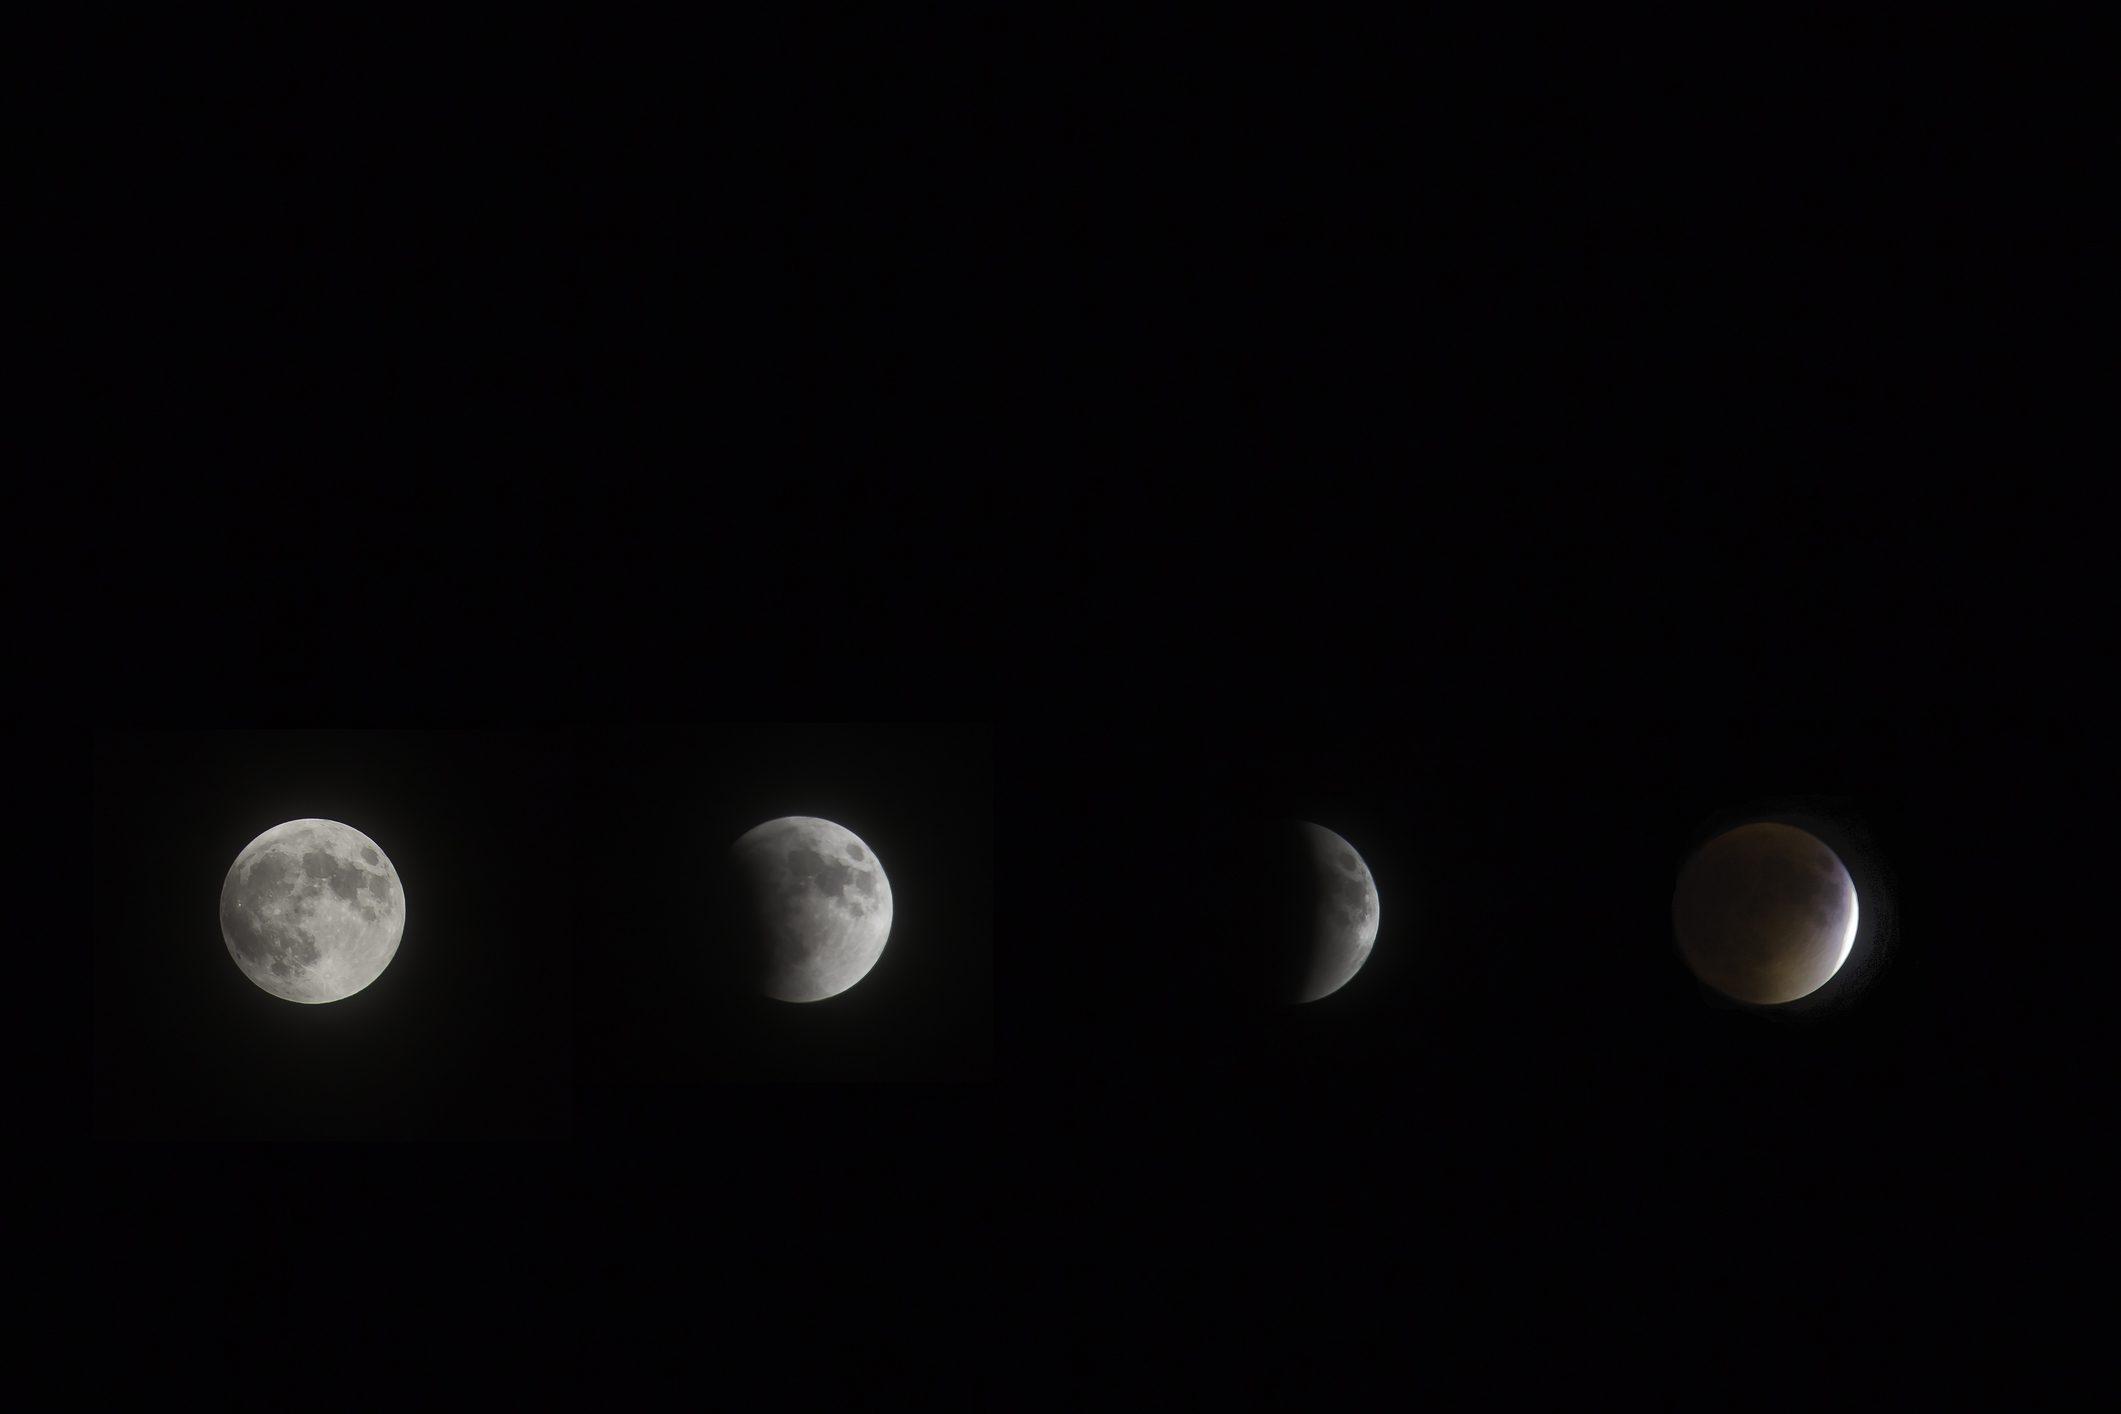 Calendario Lunare Salute E Bellezza.Il Calendario Lunare Da Conoscere Prima Di Tagliare I